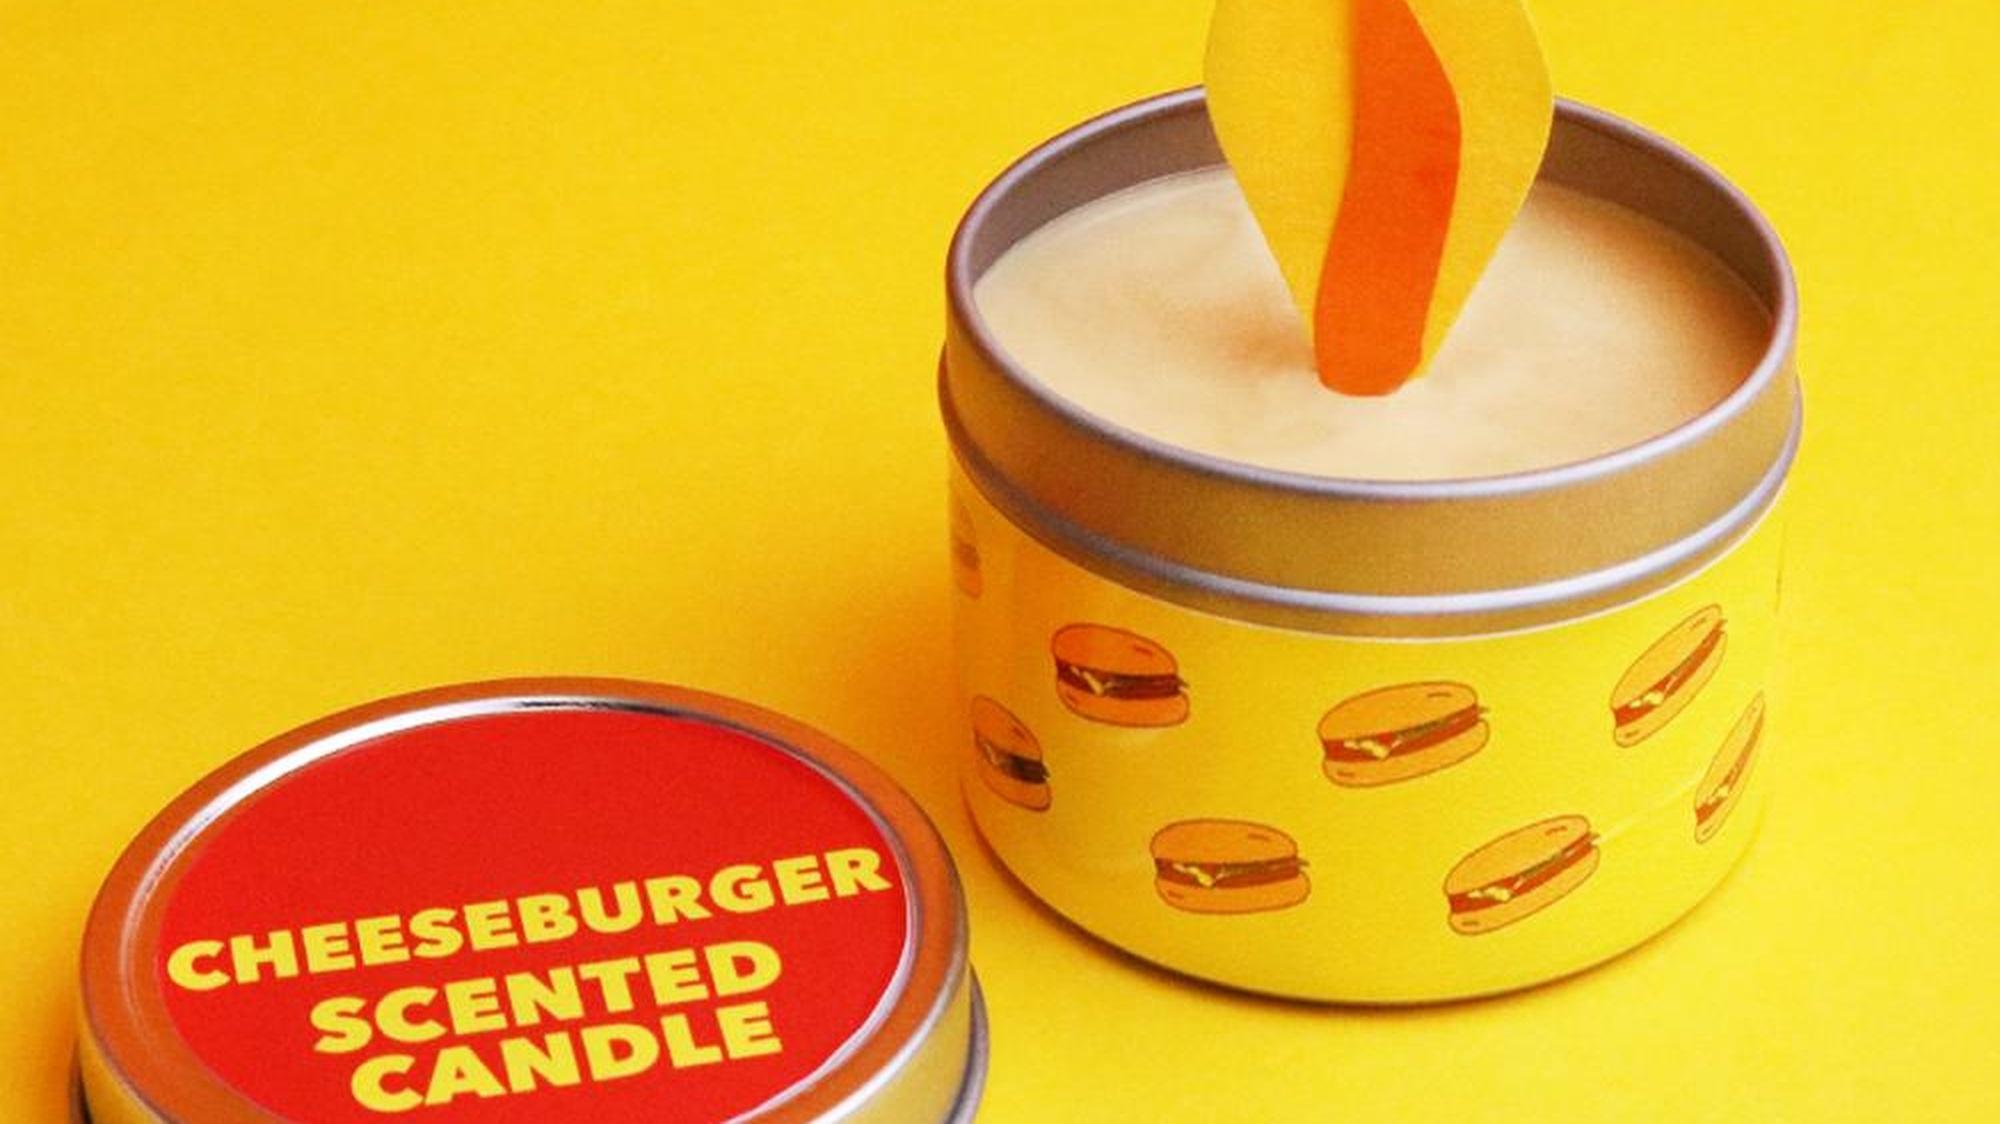 Es gibt jetzt eine Kerze, die nach Cheeseburger riecht